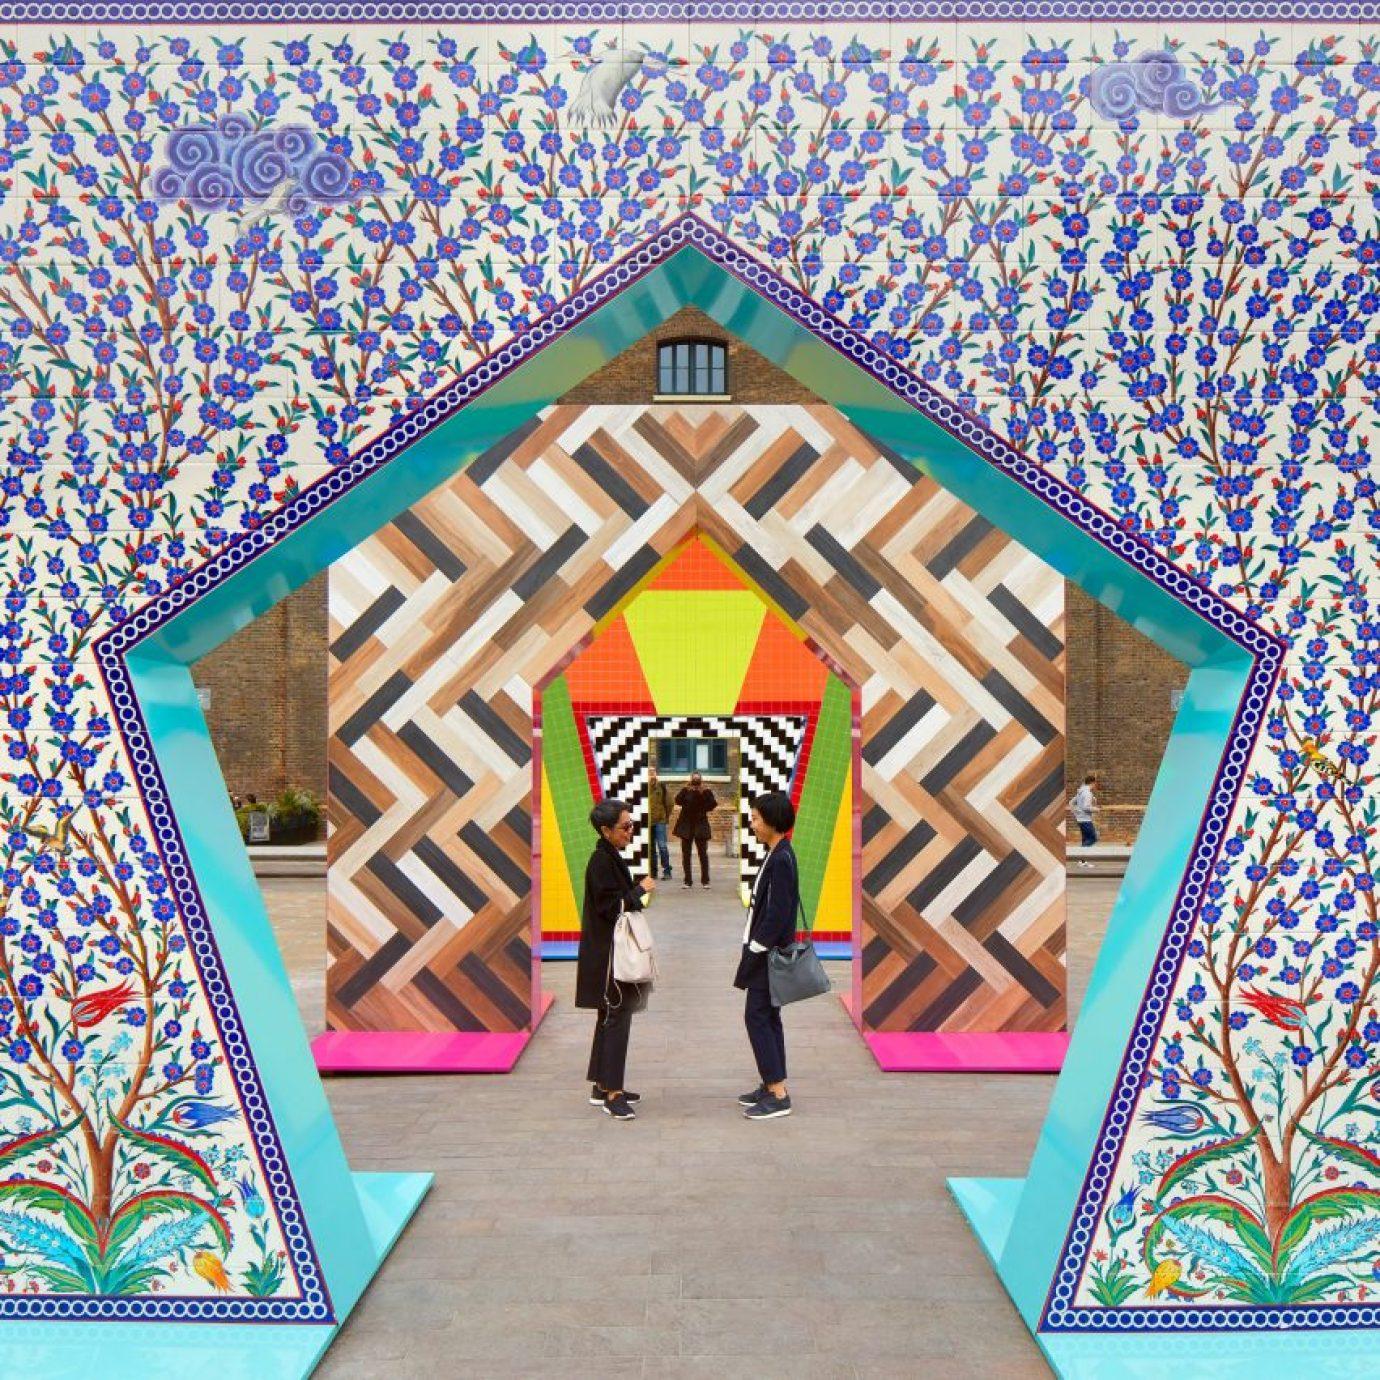 Gateways installation by Adam Nathanial Firman